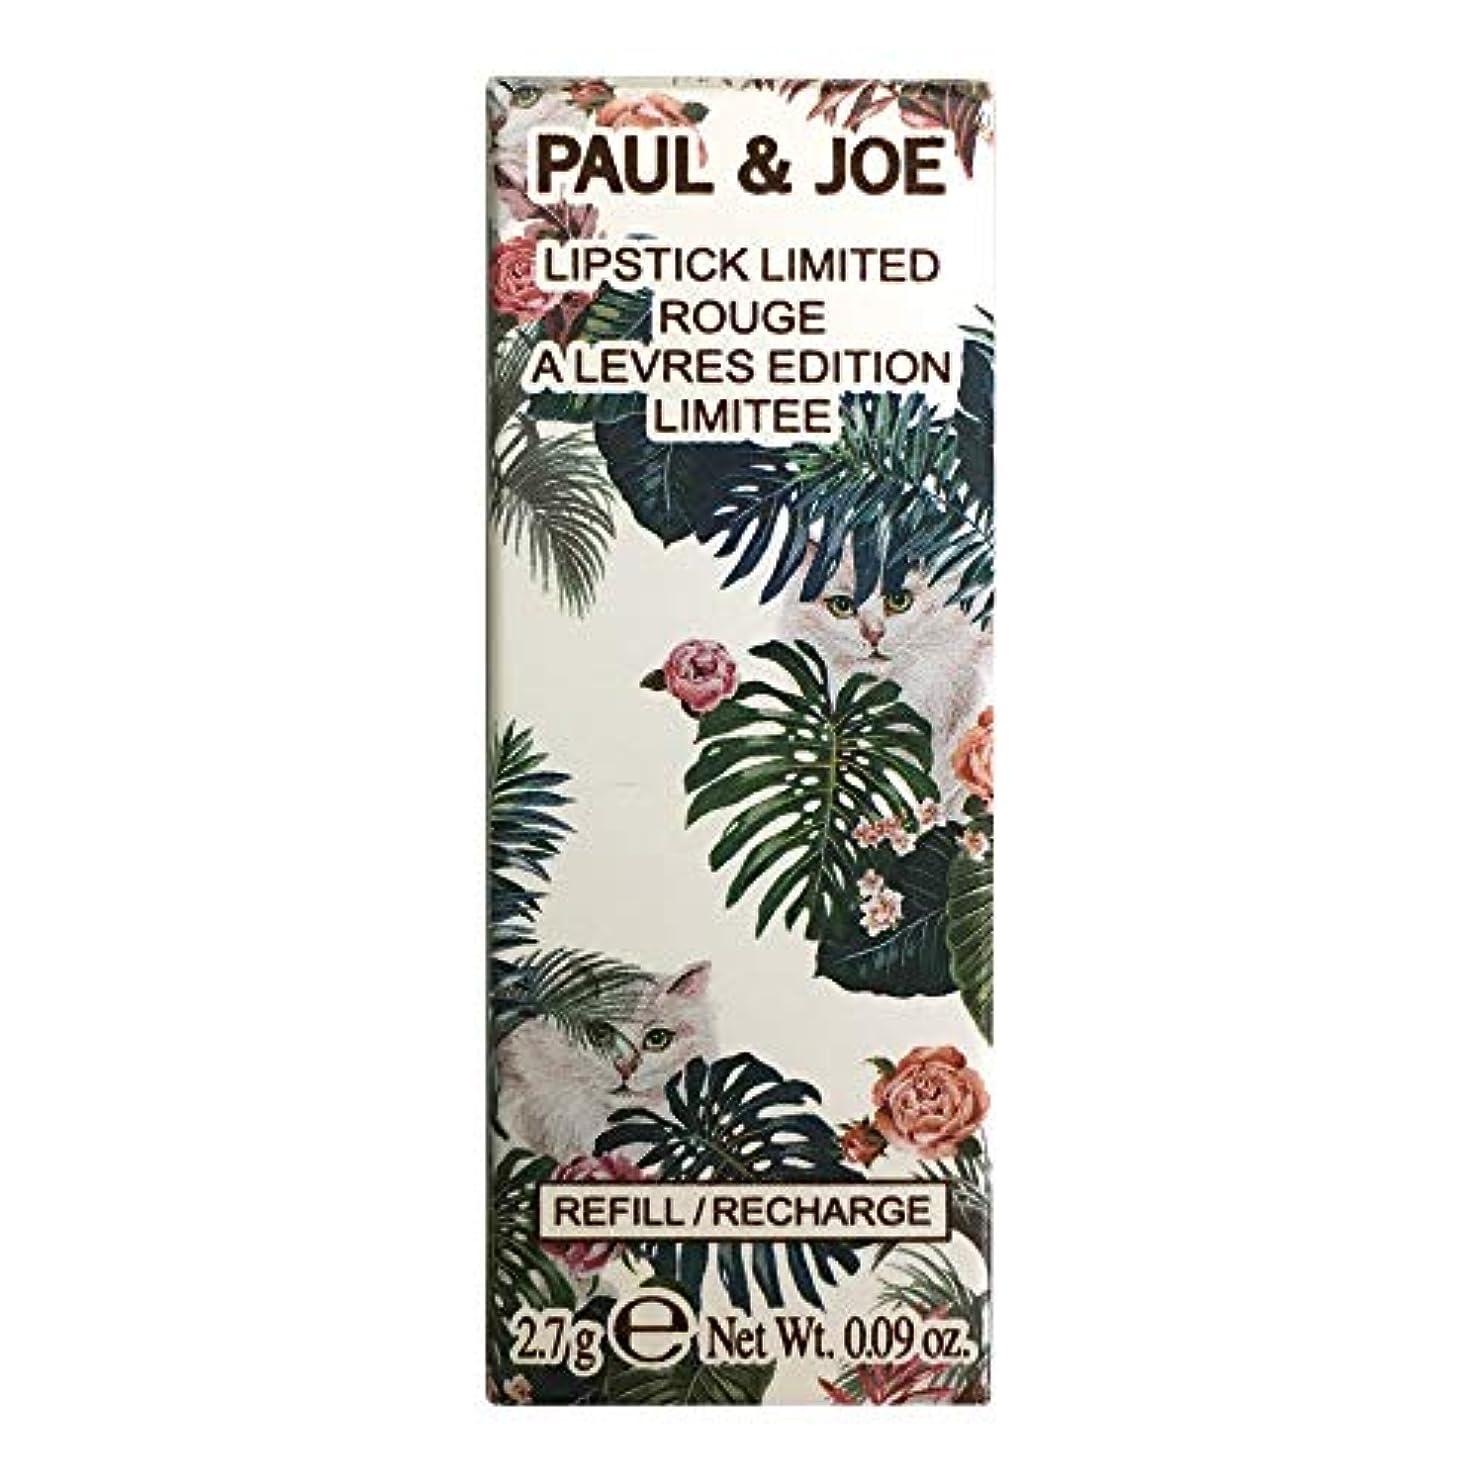 冷淡なオール邪悪なポール & ジョー/PAUL & JOE リップスティック リミテッド #006(レフィル) (限定) [ 口紅 ] [並行輸入品]